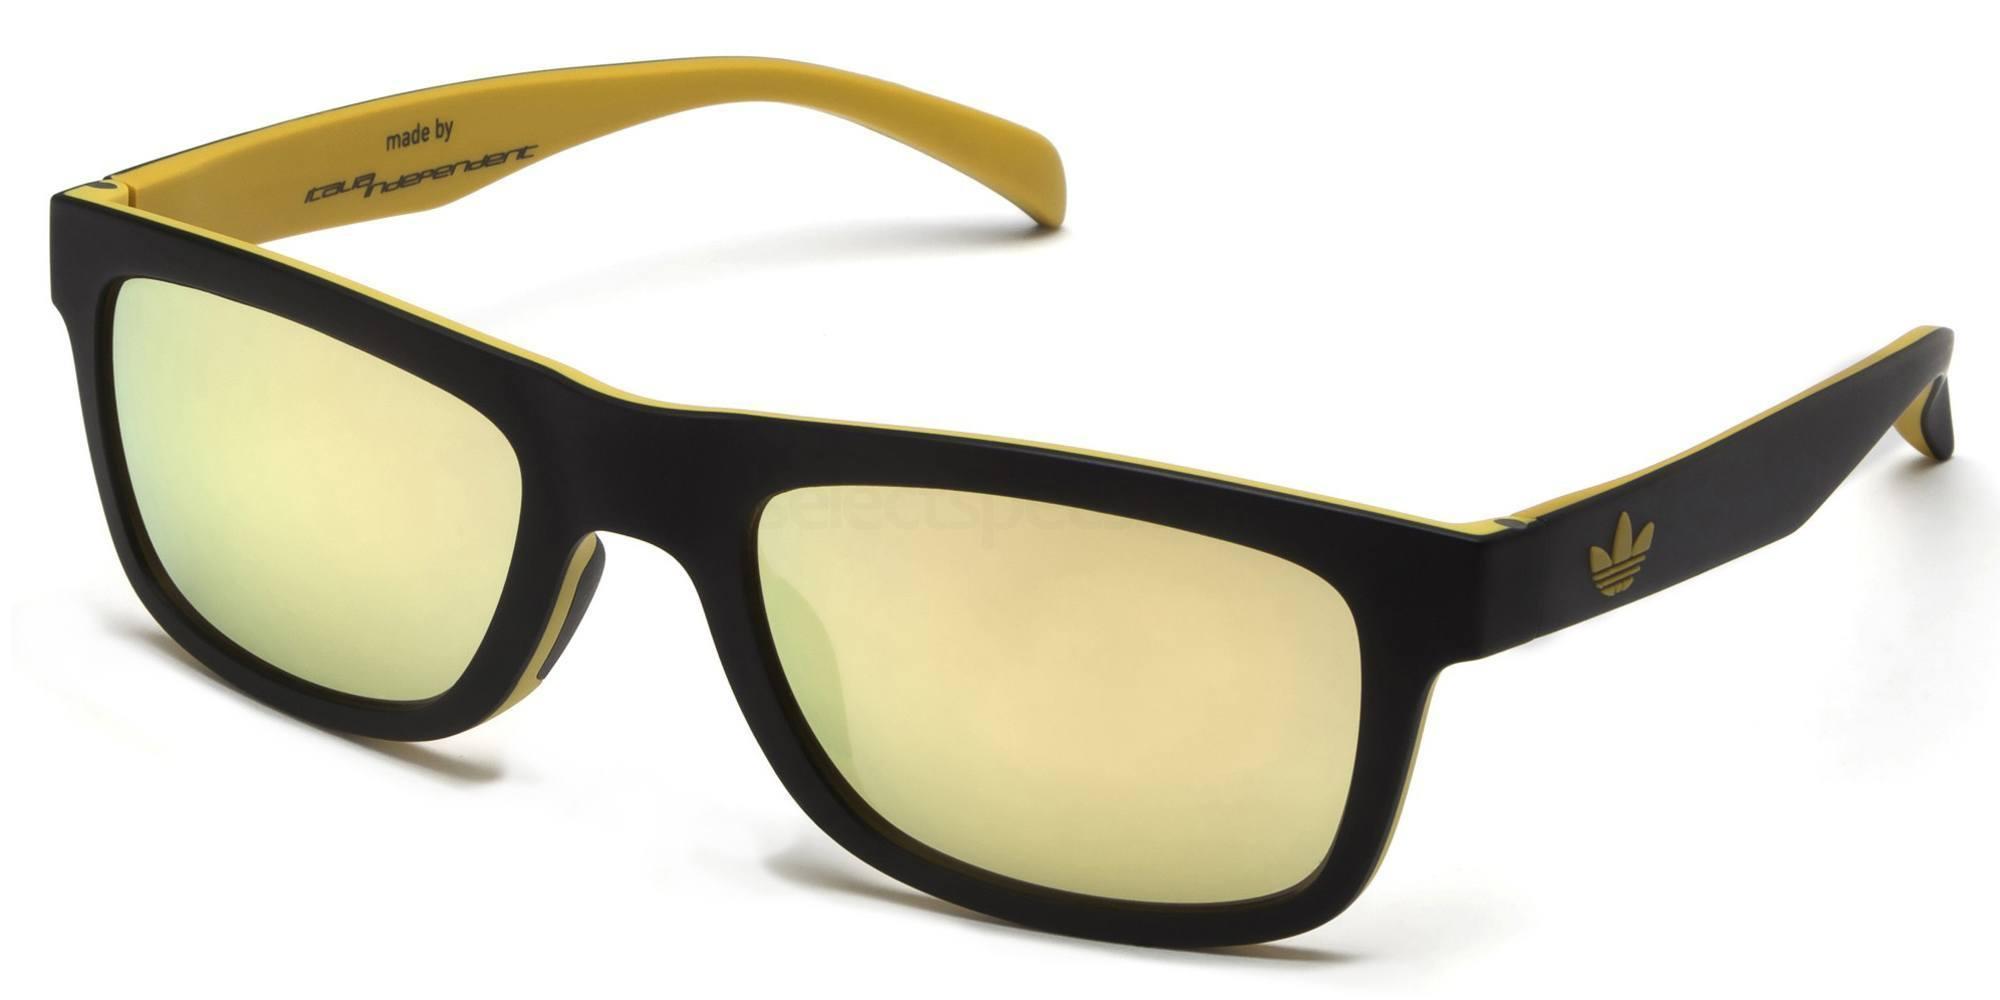 009.063 AOR005 Sunglasses, Adidas Originals